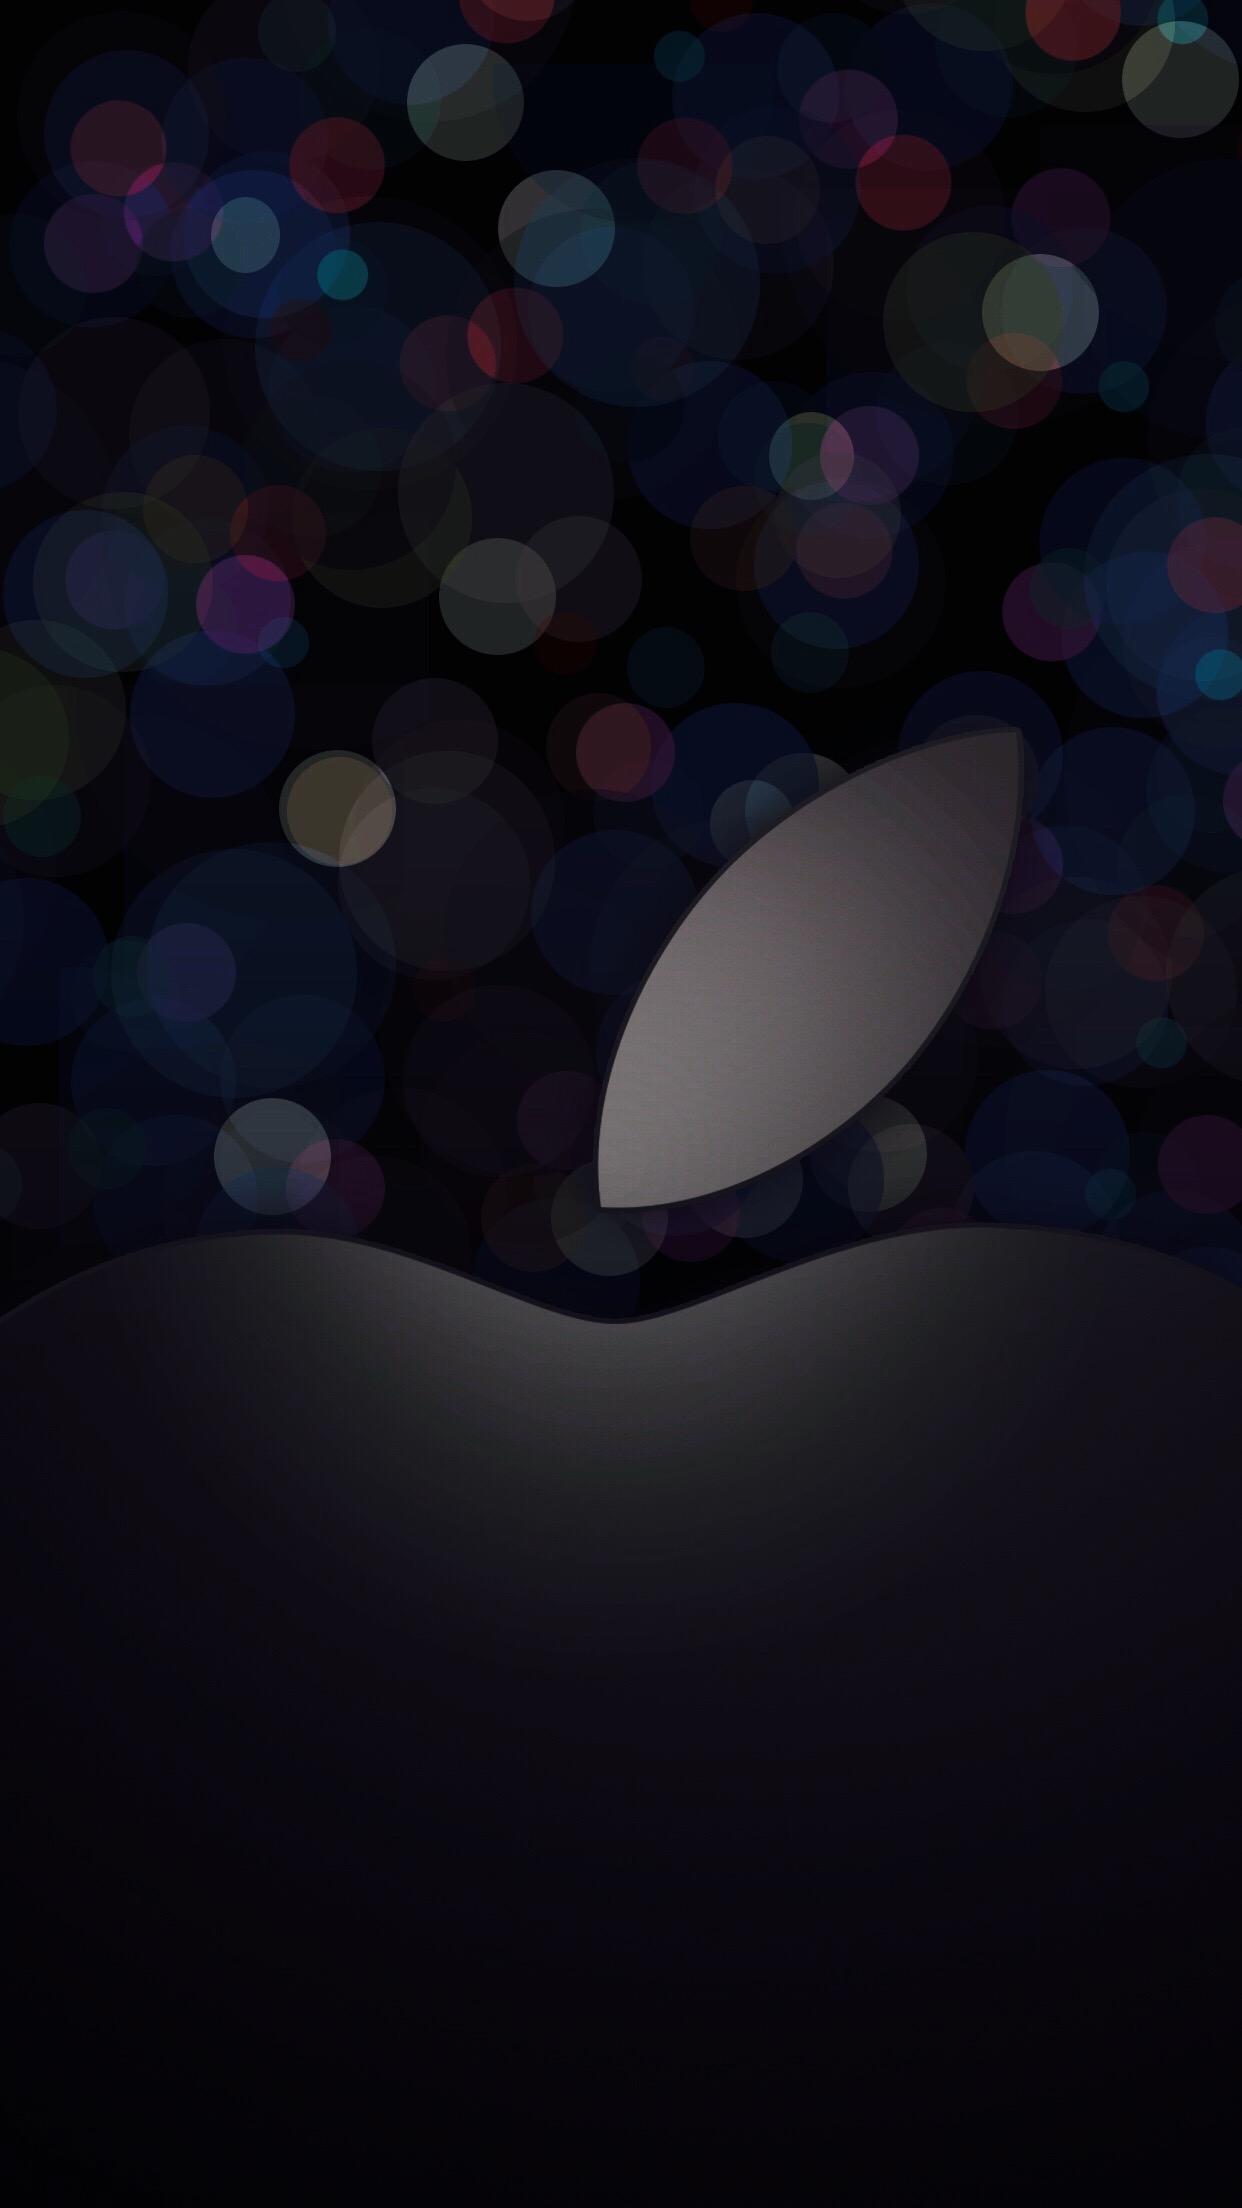 Apple September 7 event wallpaper ar7 custome2